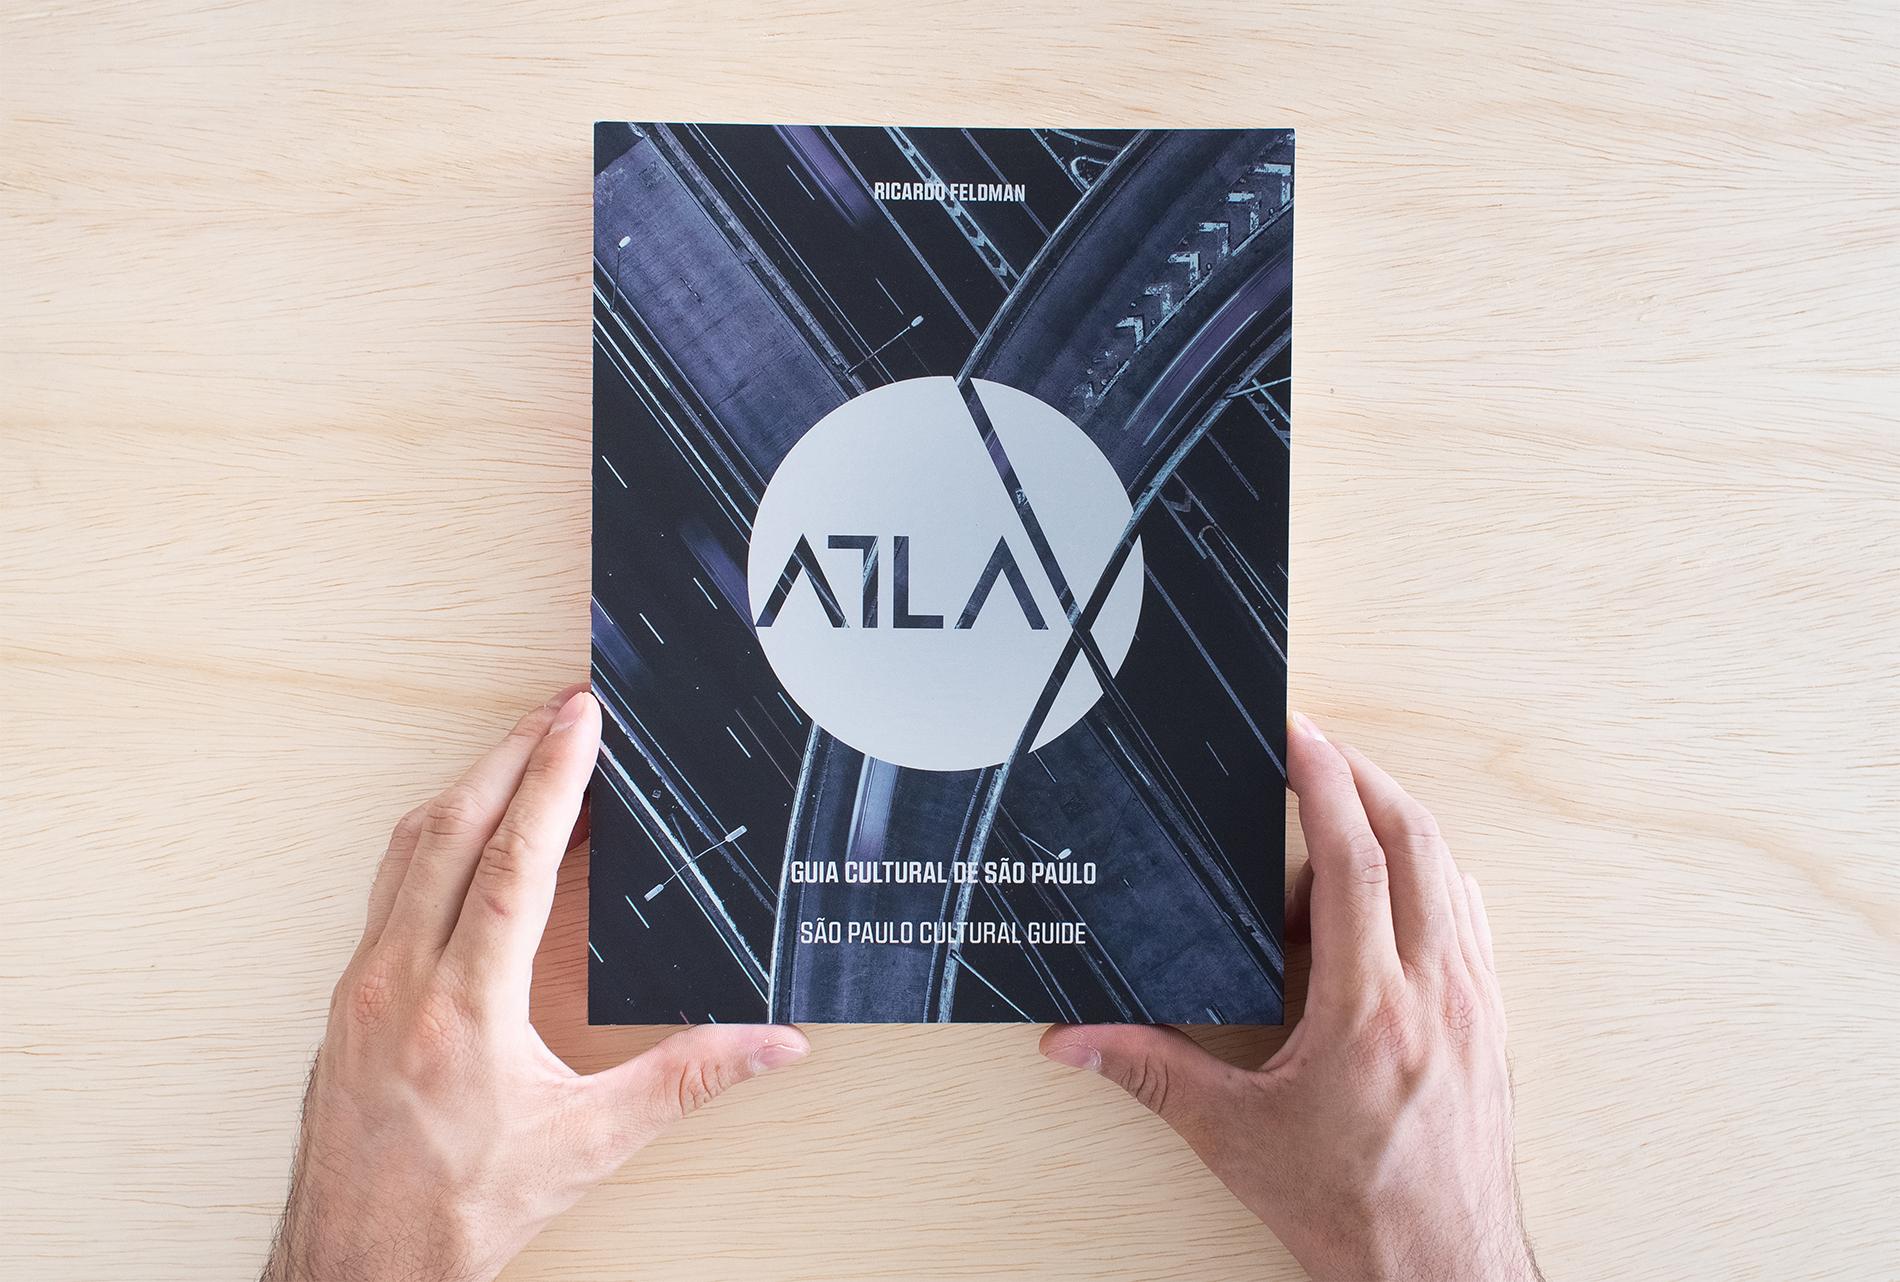 Para descobrir e colecionar São Paulo: Atlax apresenta um novo conceito de guia cultural